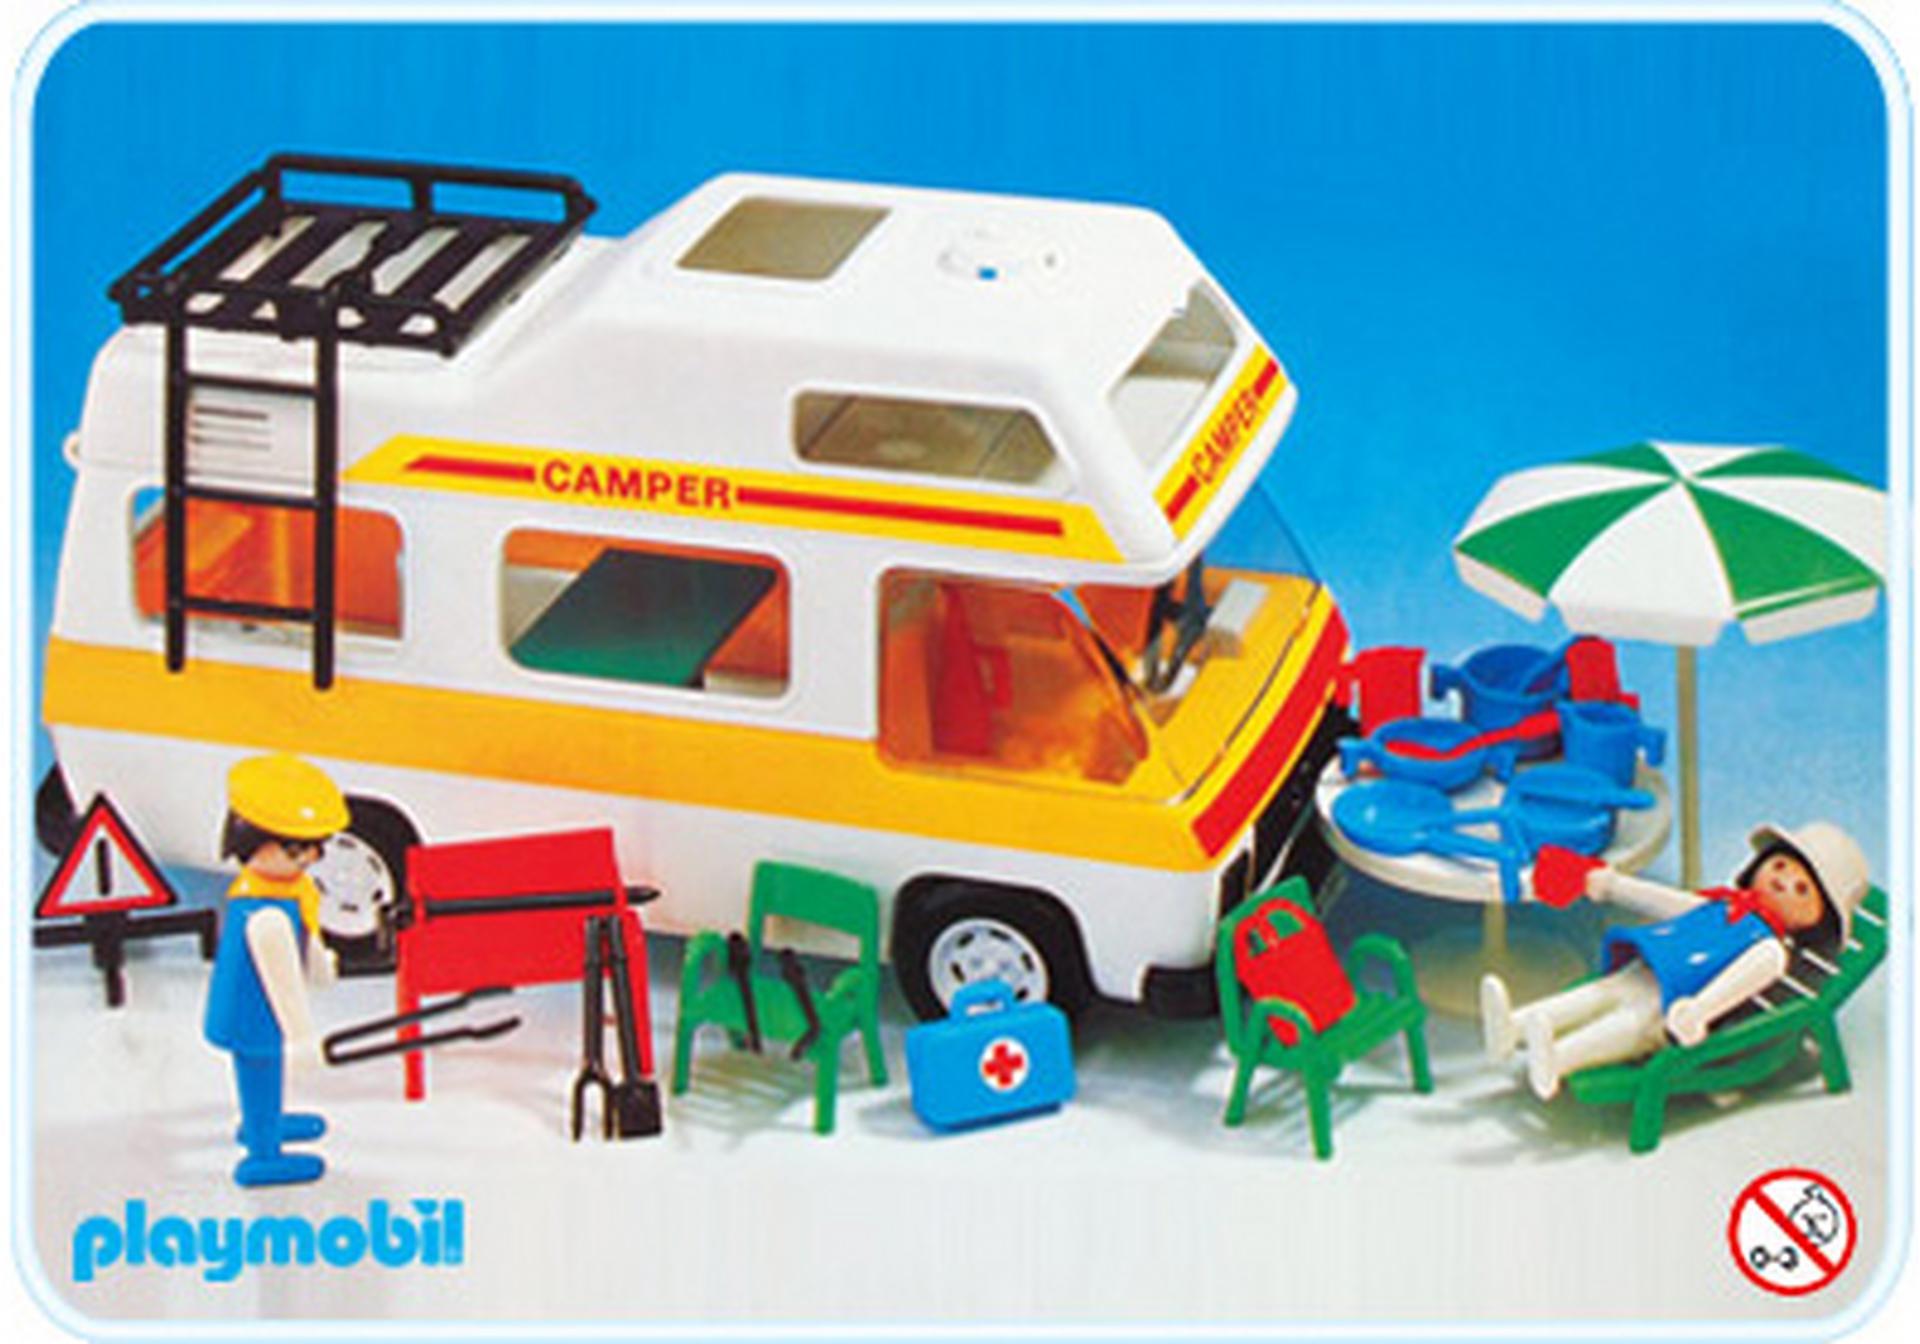 Camping car 3258 a playmobil france - Camping car playmobil pas cher ...